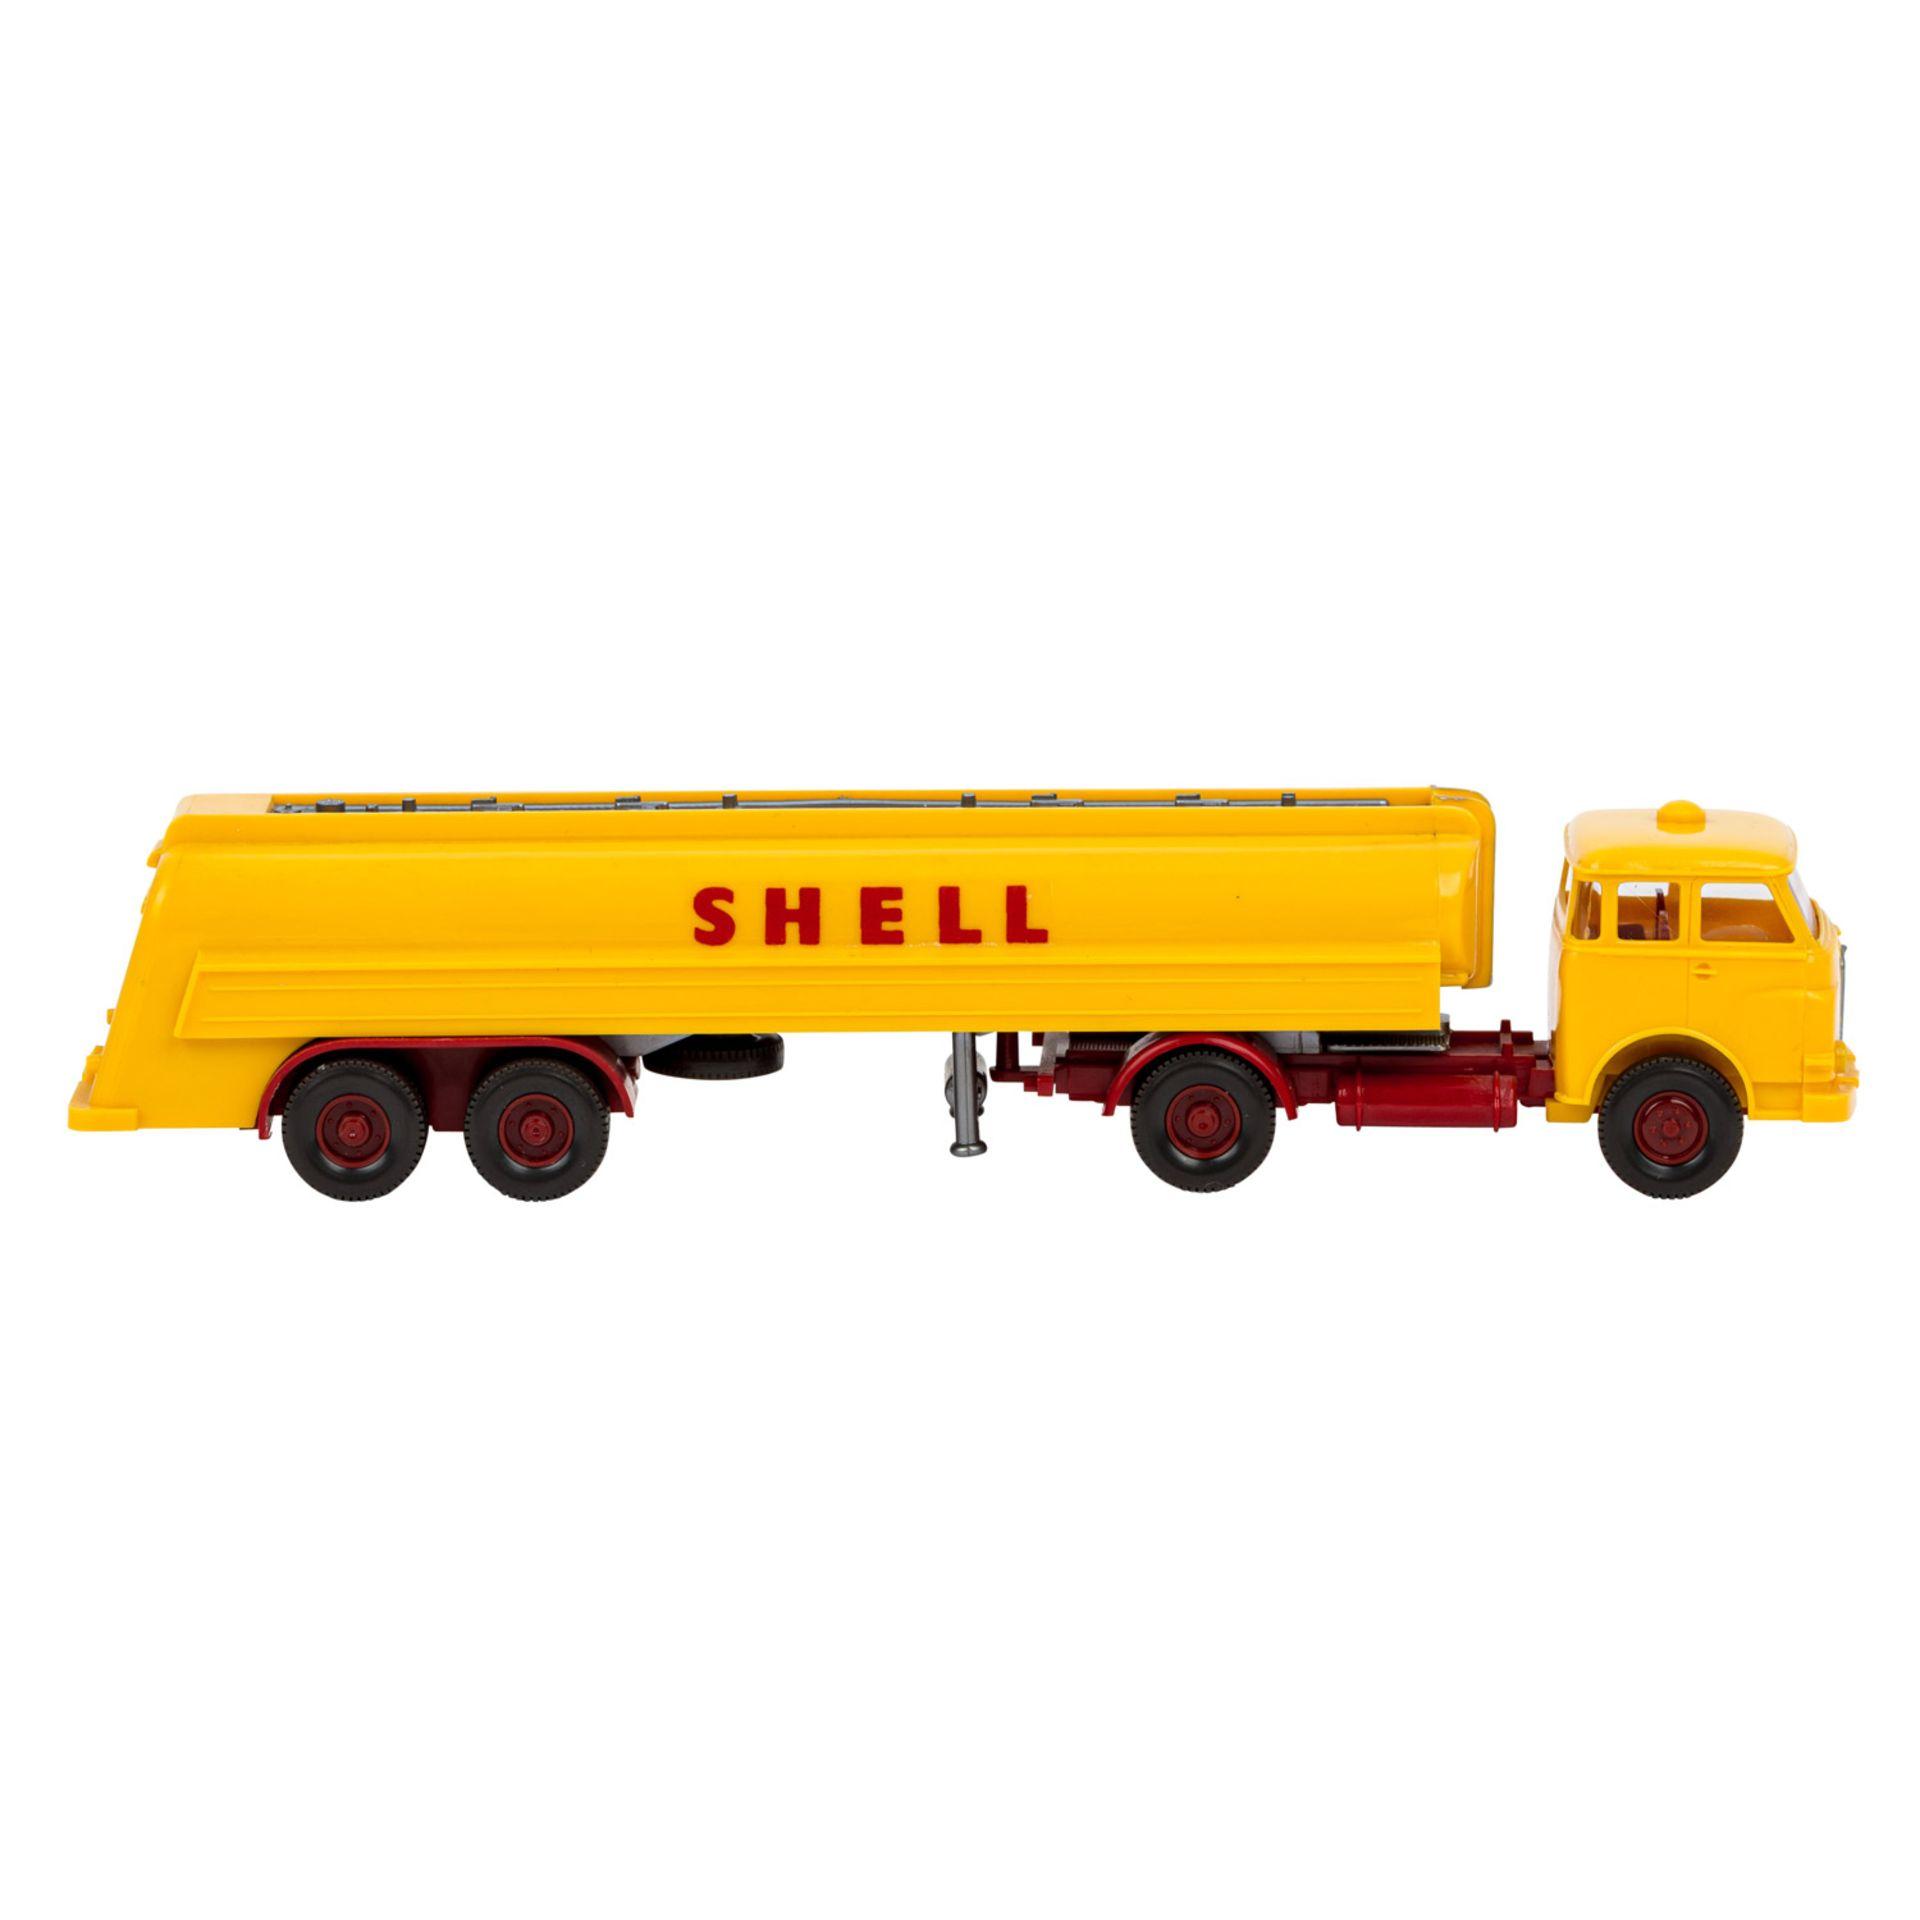 WIKING Shell-Tanksattelzug MAN 10.230, 1966,großer Shell-Tankzug, Zugmaschine mit int - Image 4 of 5